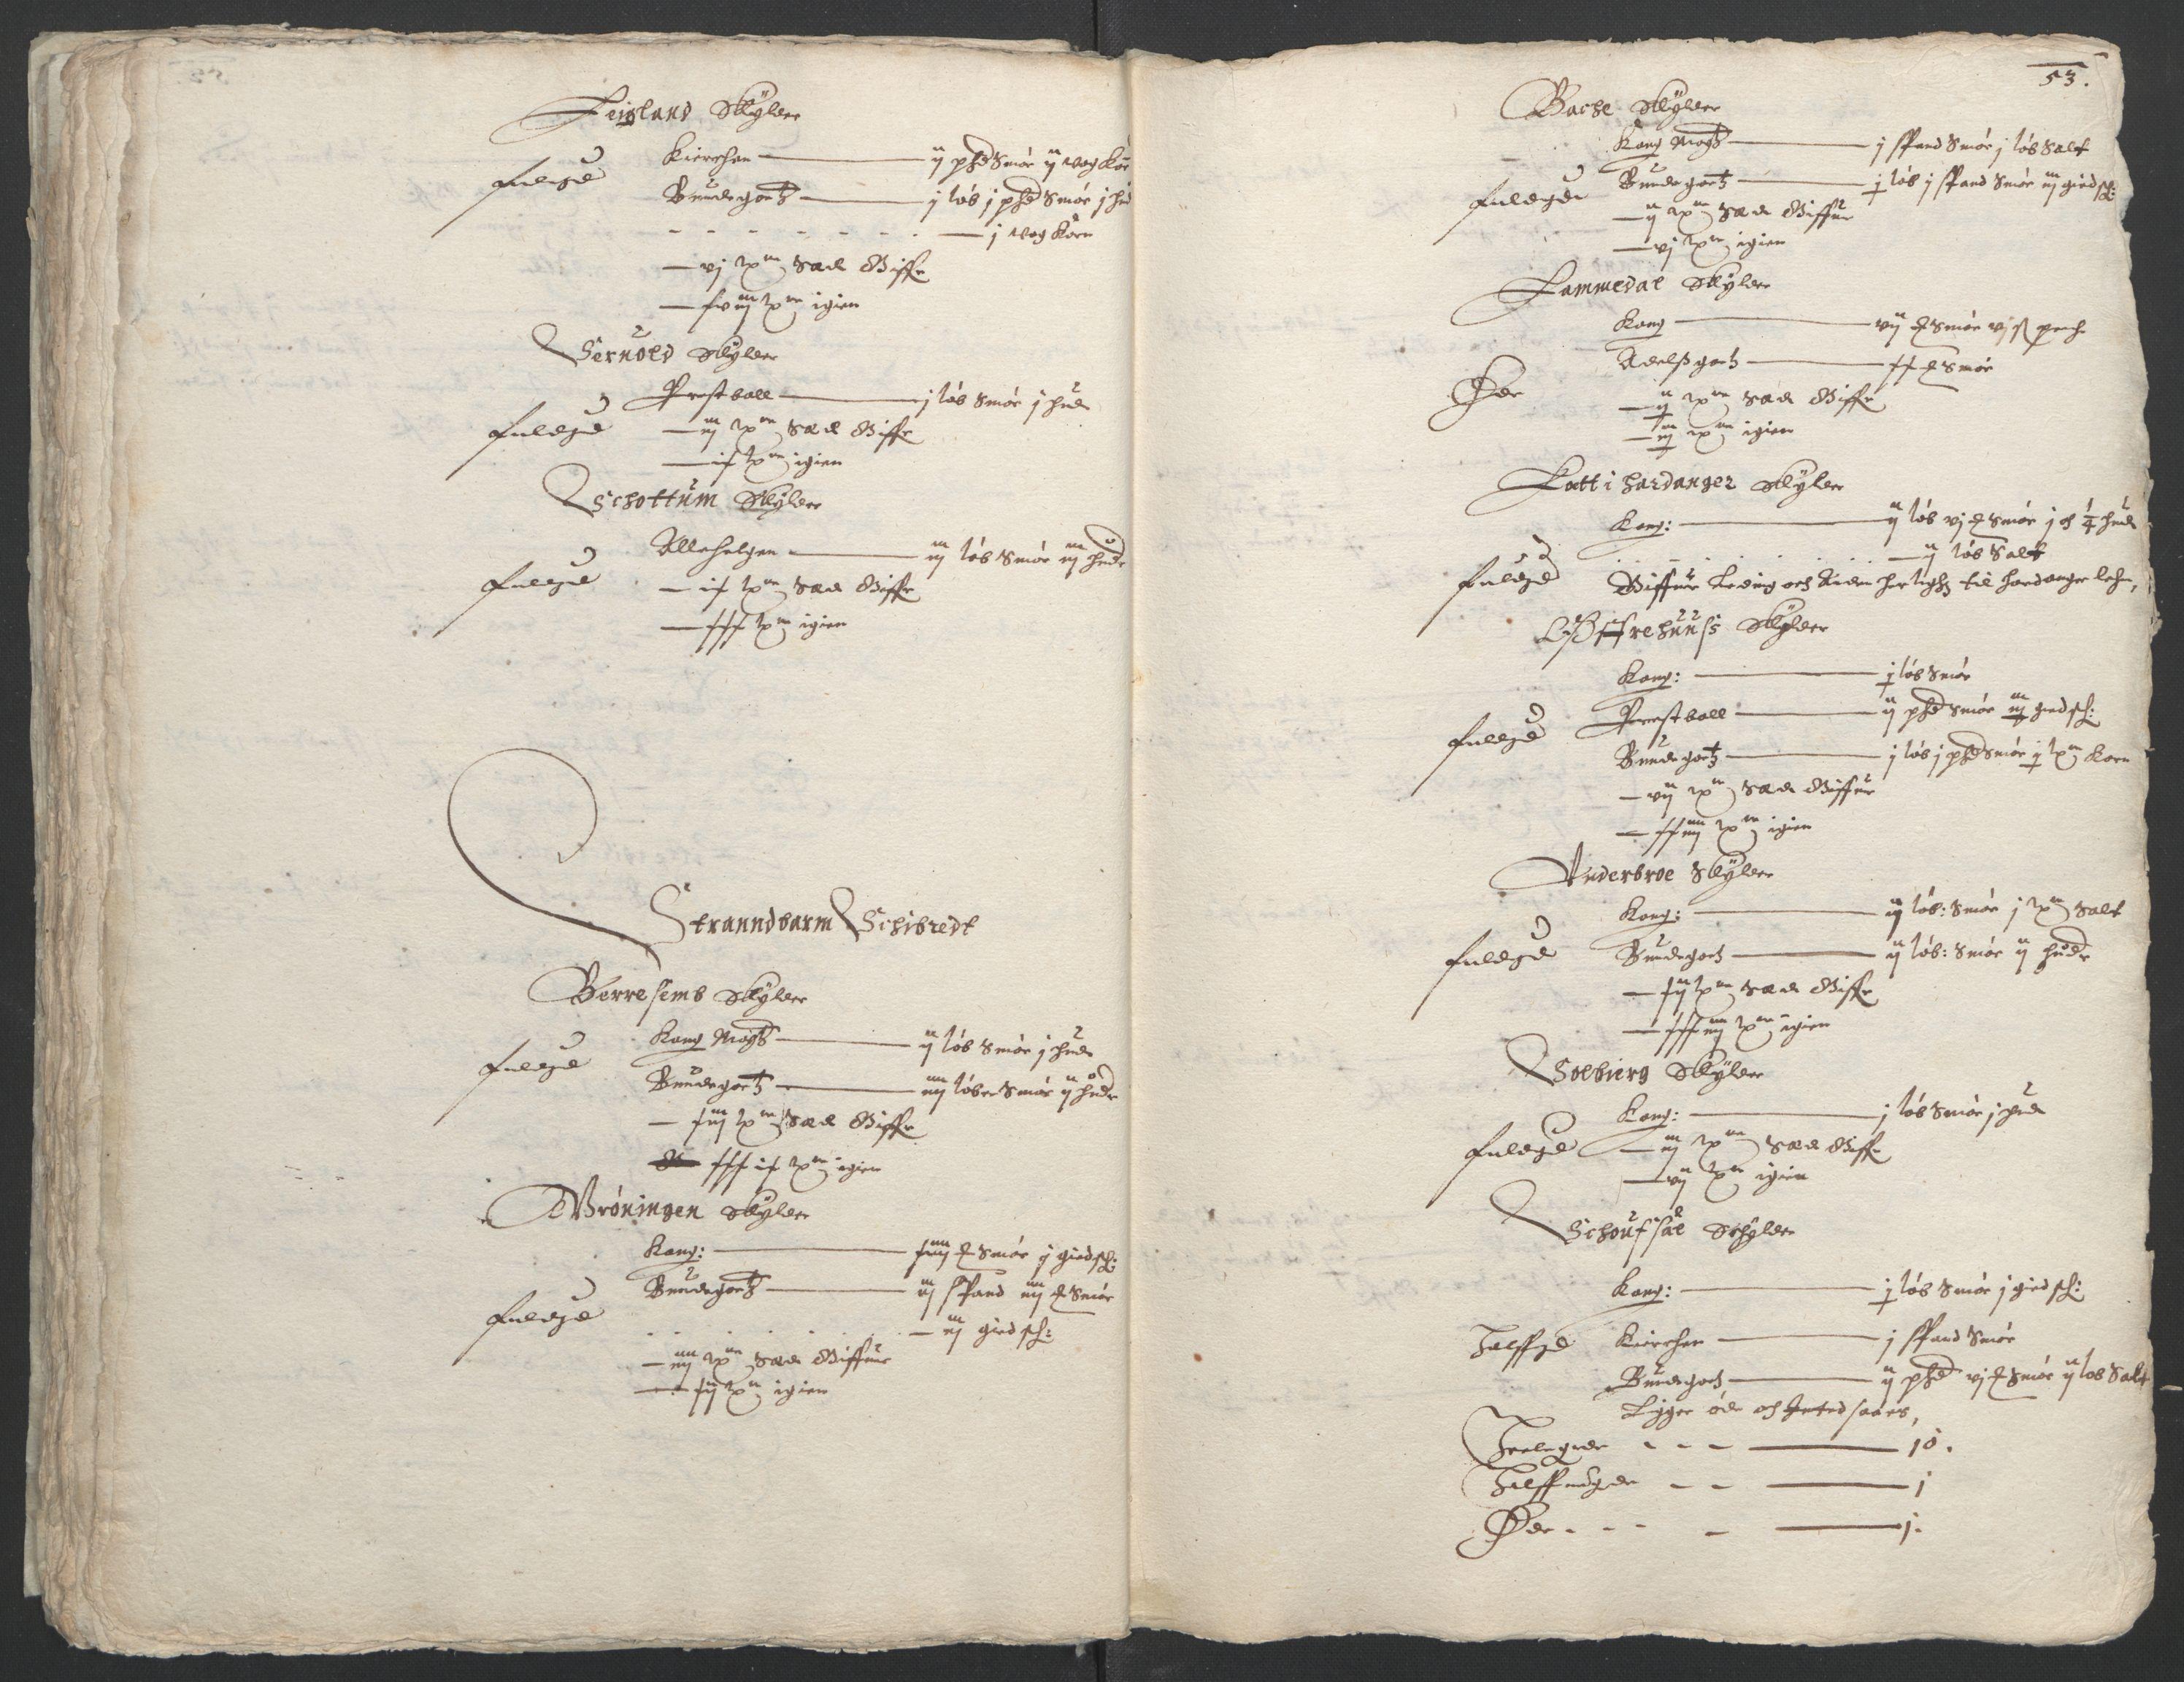 RA, Stattholderembetet 1572-1771, Ek/L0004: Jordebøker til utlikning av garnisonsskatt 1624-1626:, 1626, s. 57